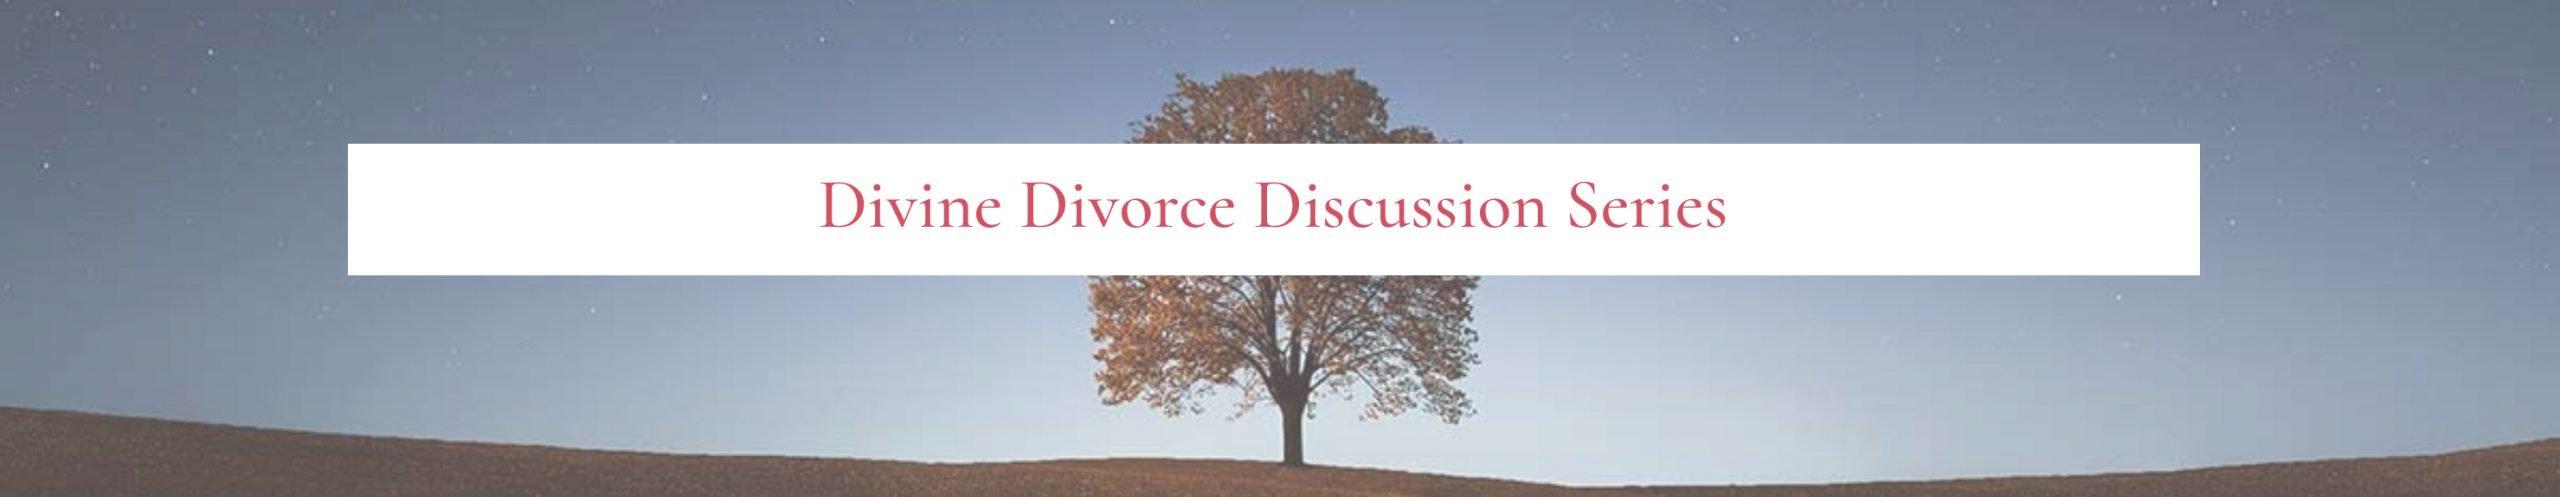 Divine Divorce Banner Image